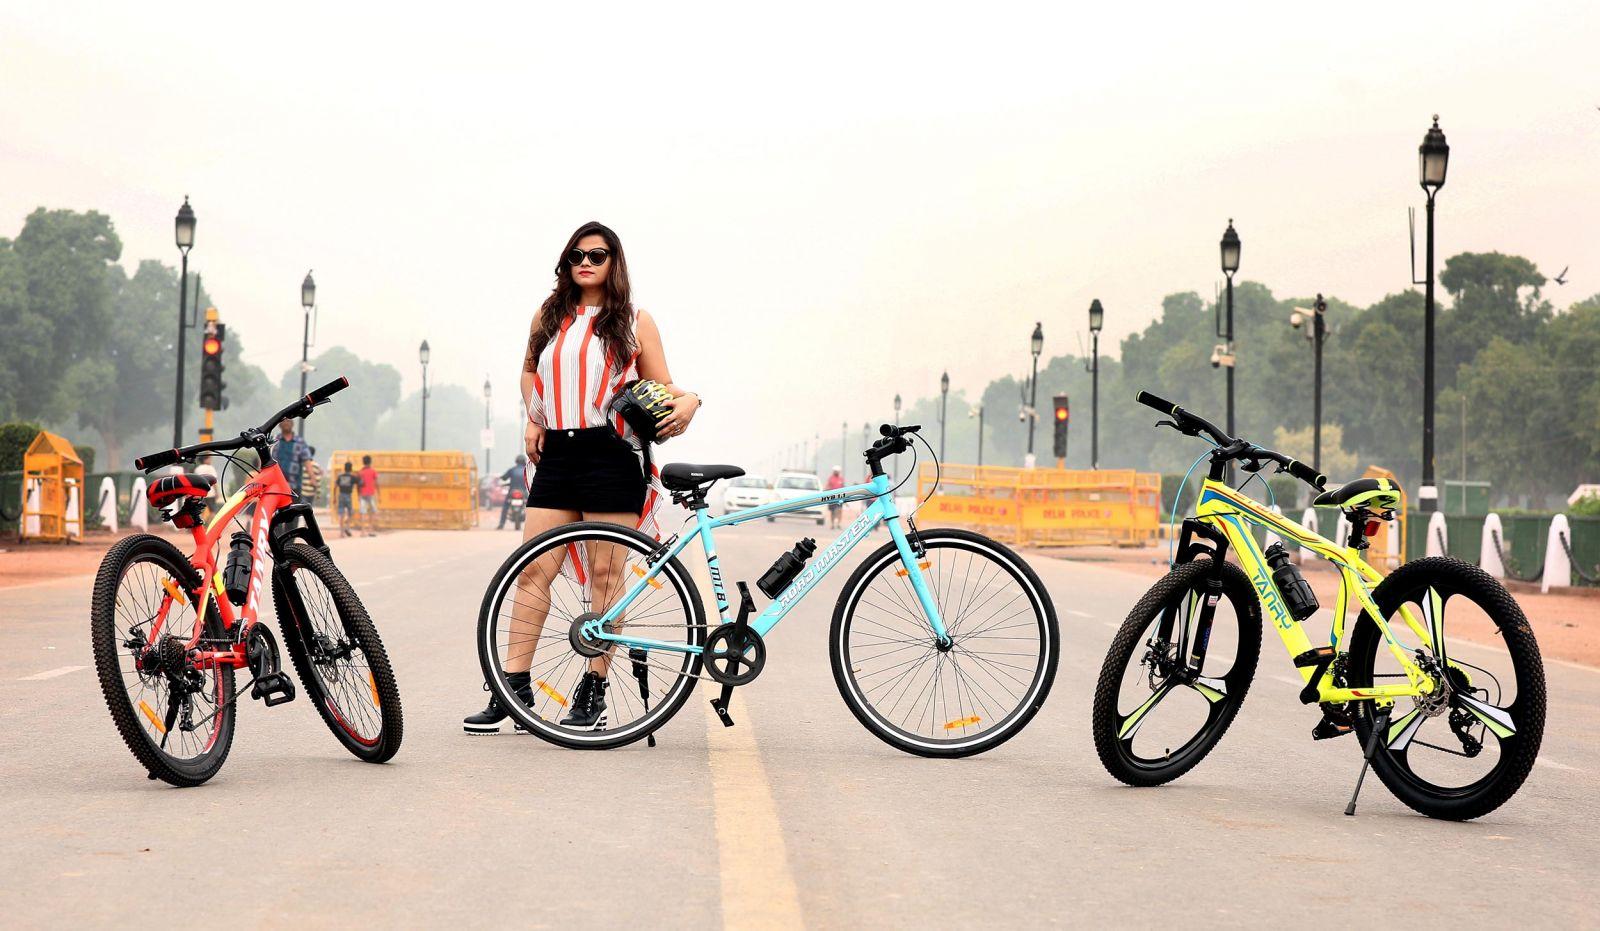 भारतमा साइकल माग अभूतपूर्व, 'प्री-बुकिङ' गर्दै पालो कुर्दै , ५ महिनामै ४२ लाख थान बिक्री